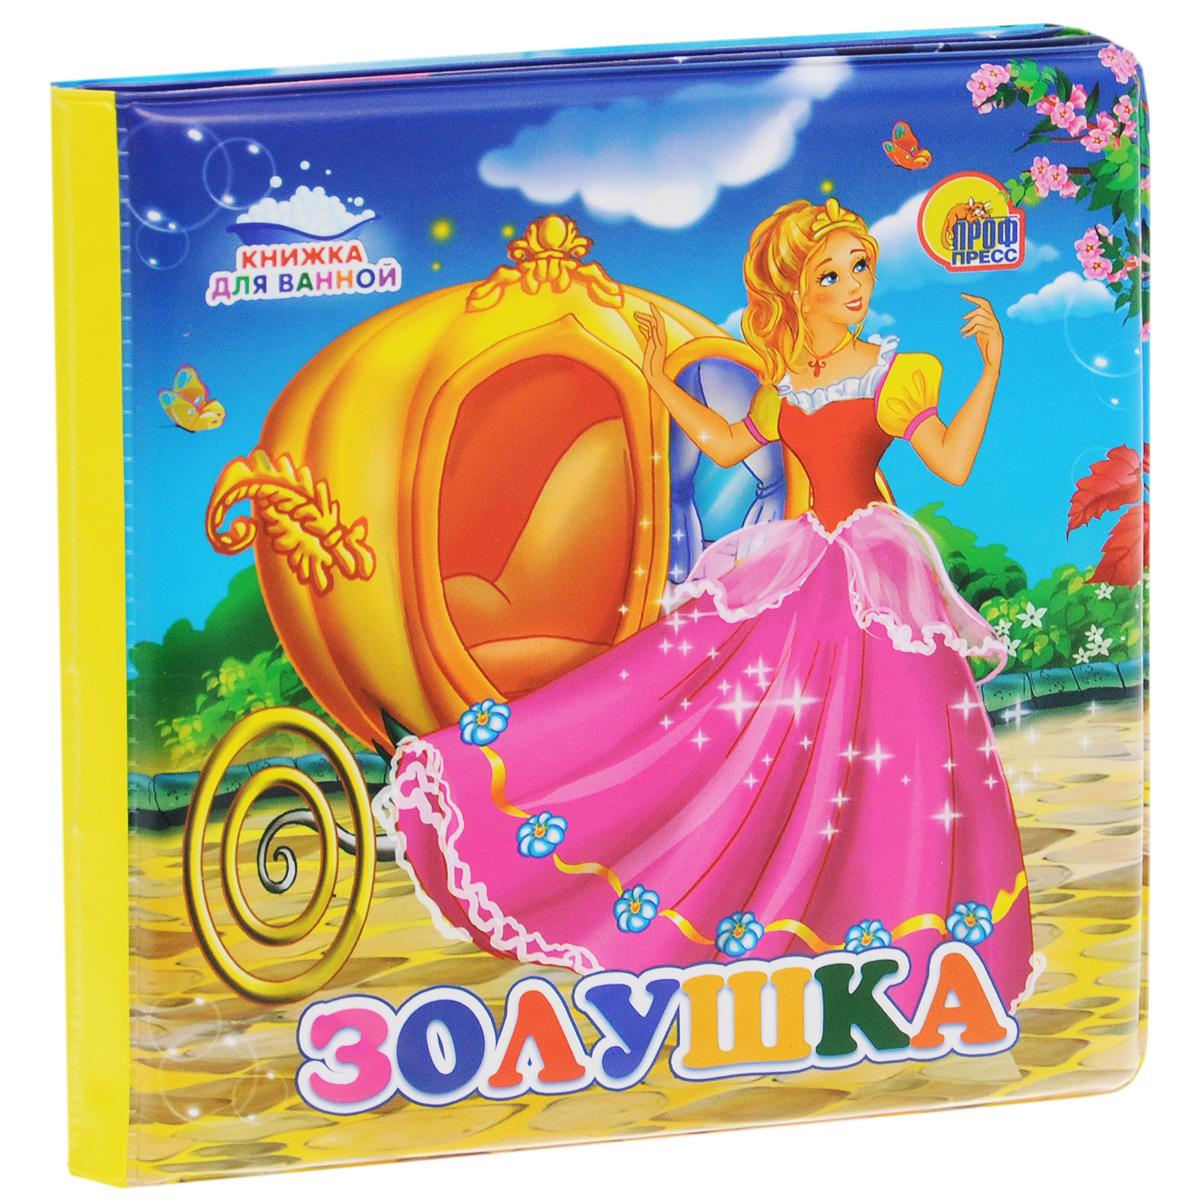 Проф-Пресс Книжка-игрушка для ванной Золушка978-5-378-16583-4Книжка-игрушка для ванной Проф-Пресс Золушка предназначена для самых маленьких читателей и превратит купание малыша в веселую развивающую игру. Книжка расскажет сказку о прелестной и доброй девушке по имени Золушка, потерявшей свою туфельку на королевском балу. Яркие, красочные картинки станут отличным дополнением к захватывающей истории. Книжка выполнена из безопасного, непромокаемого материала и легко моется, если испачкается. Благодаря мягкой и приятной на ощупь книжке малыш также будет развивать свои тактильные навыки.